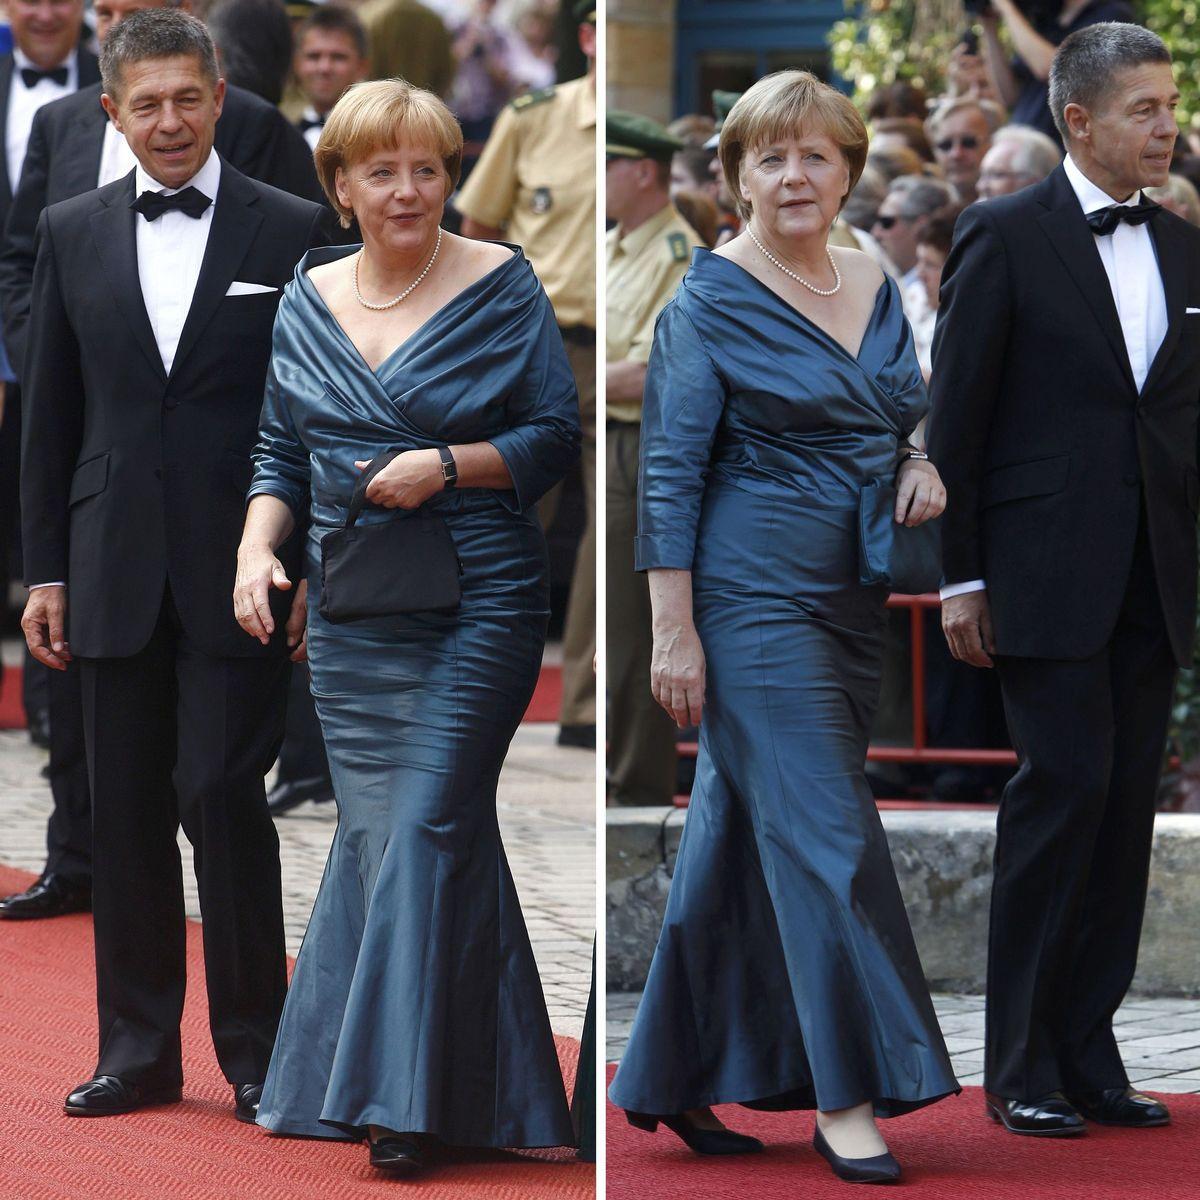 angela merkel in bayreuth: kanzlerin trägt dasselbe kleid